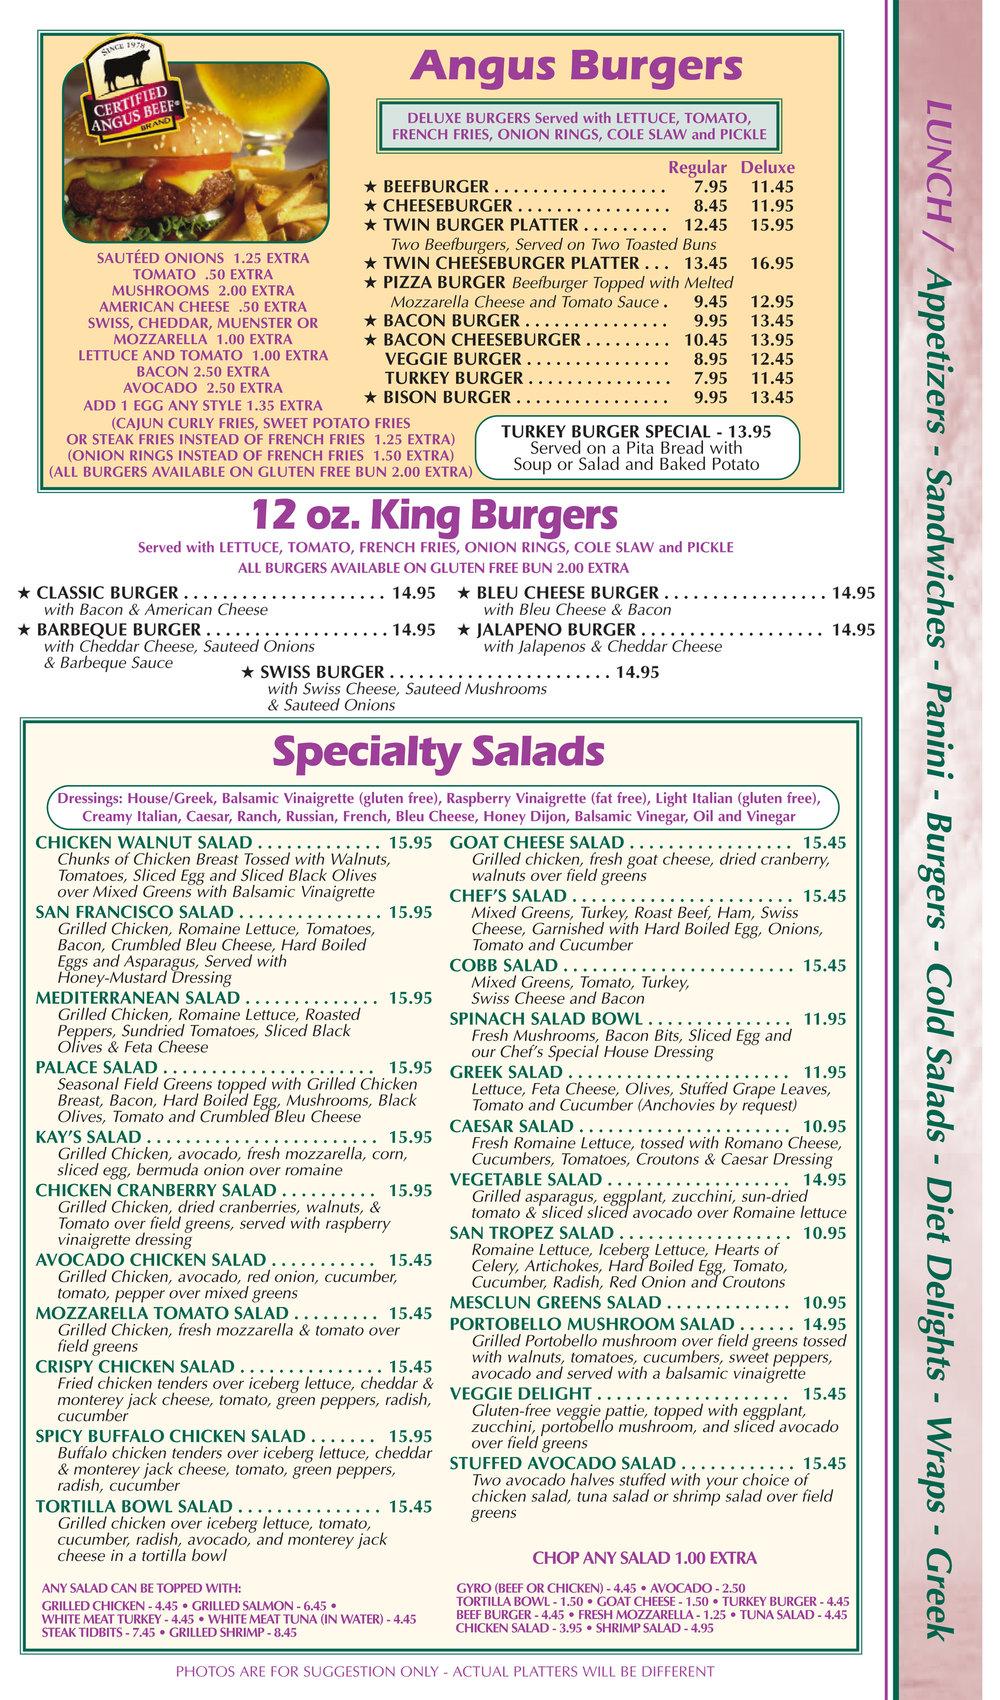 BurgersLowCarbSaladsDiet00.jpg